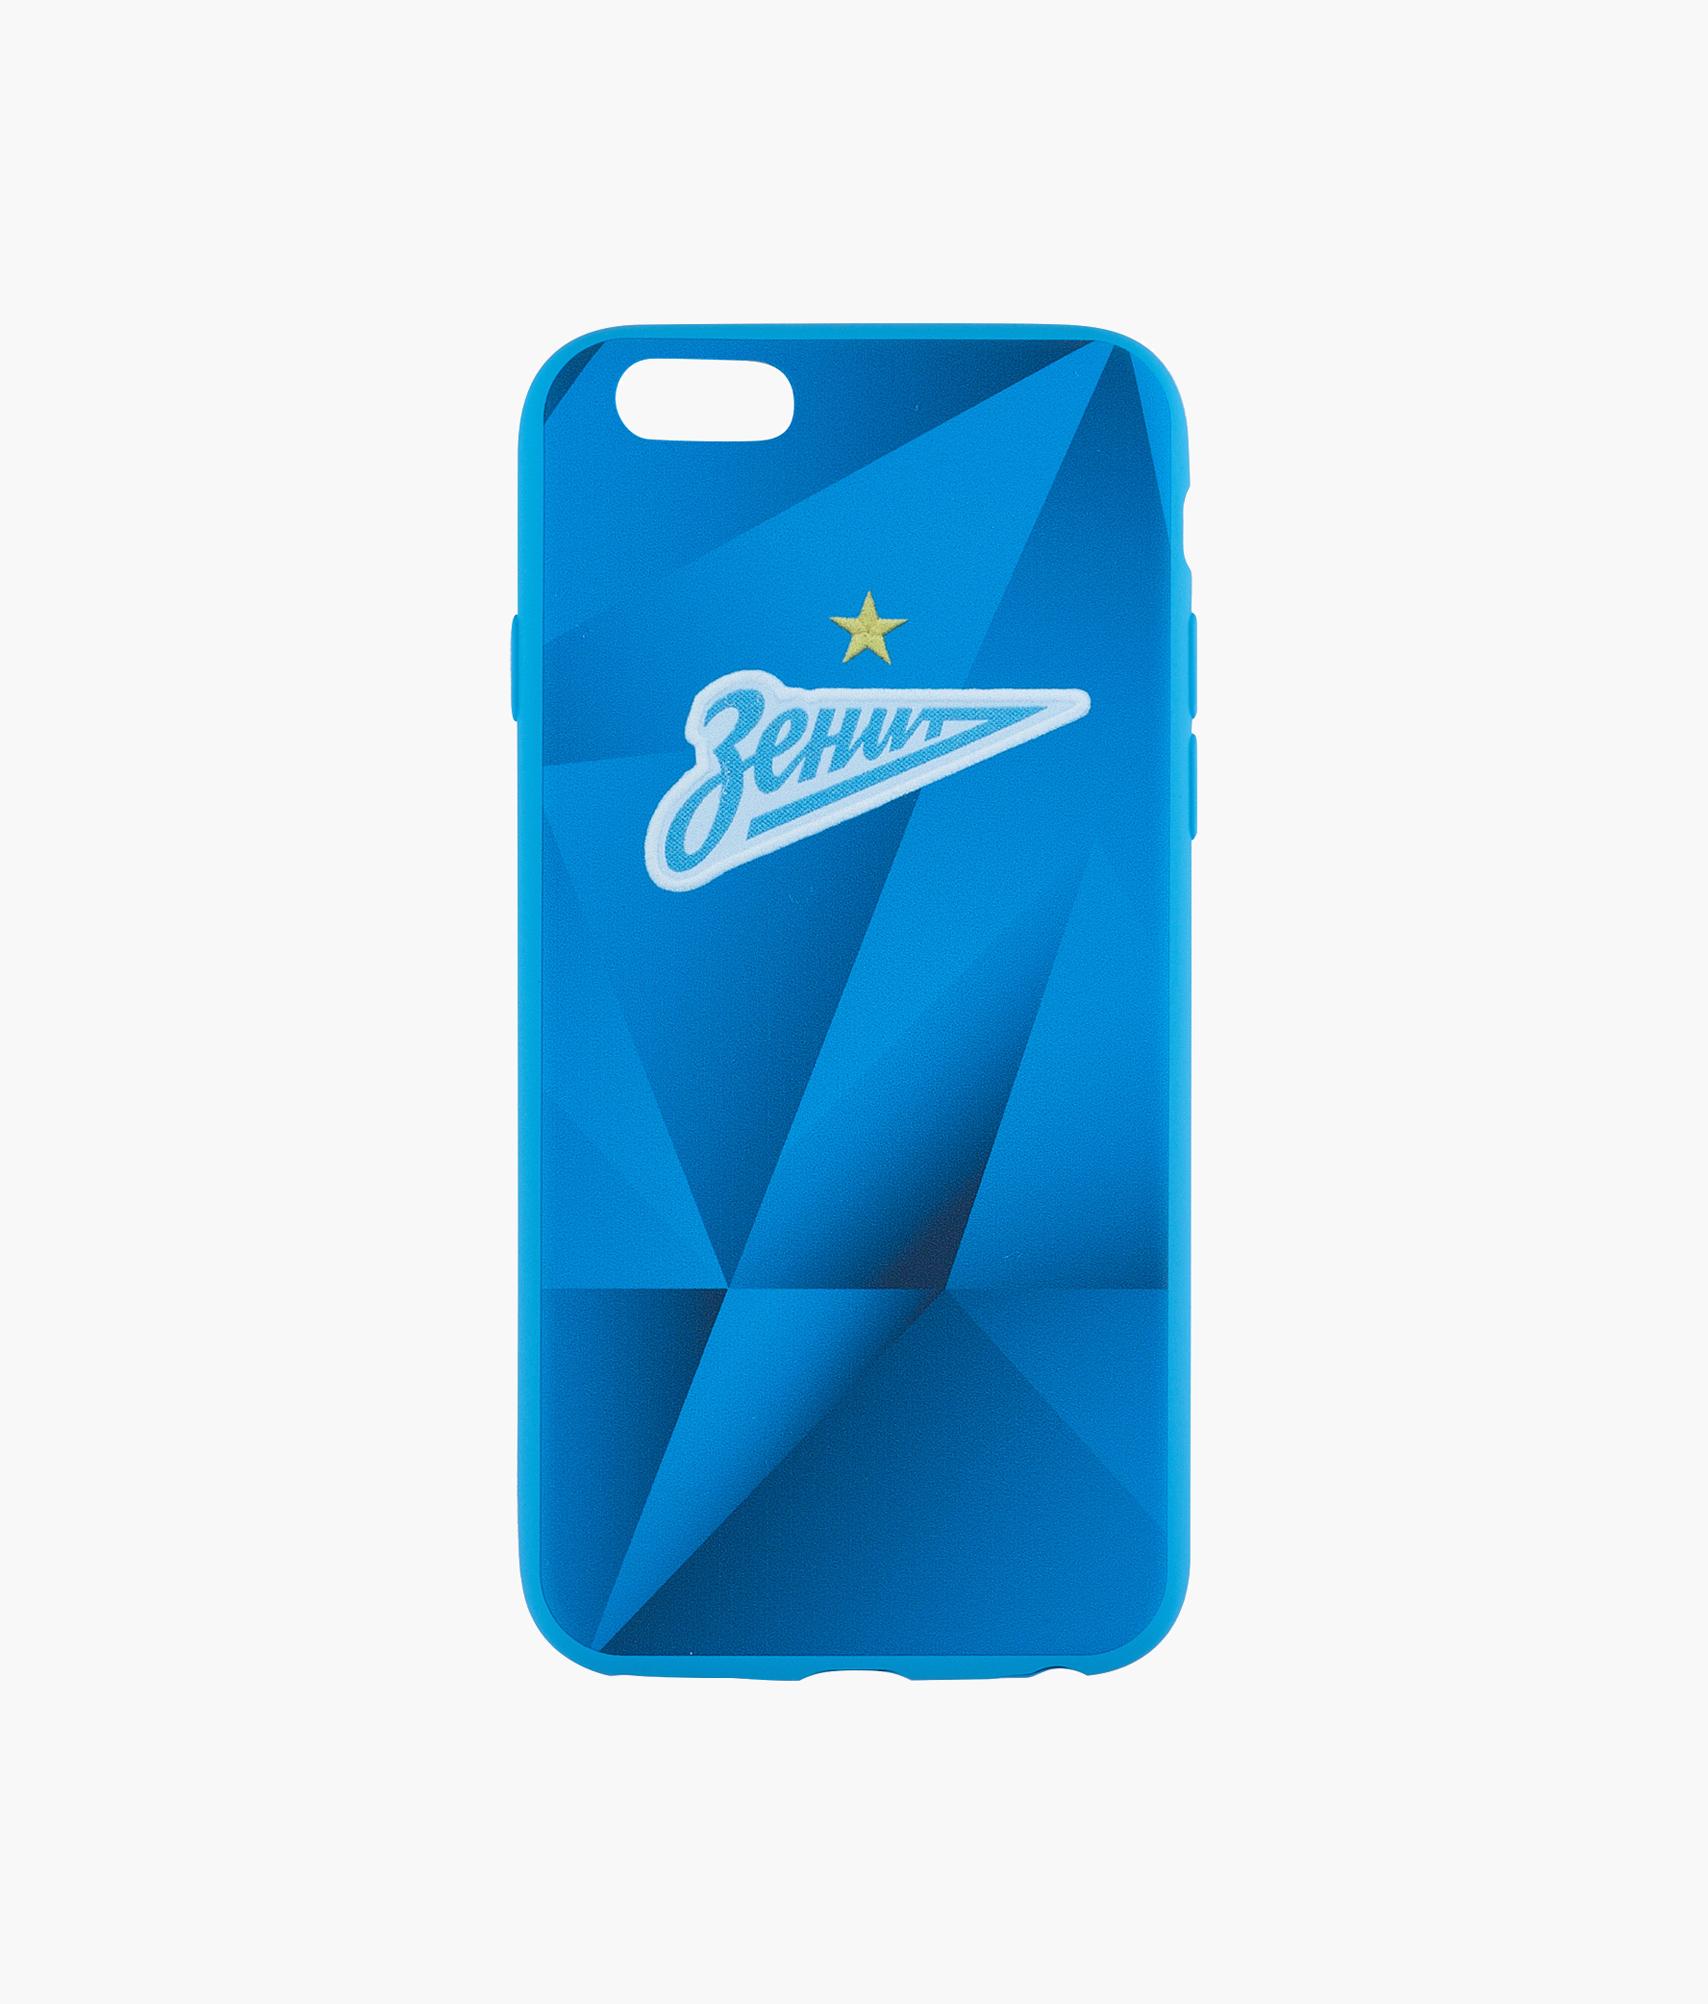 Фото - Чехол для IPhone 6/6S «Форма 2019/20» Зенит Цвет-Синий платье coccodrillo одежда повседневная на каждый день